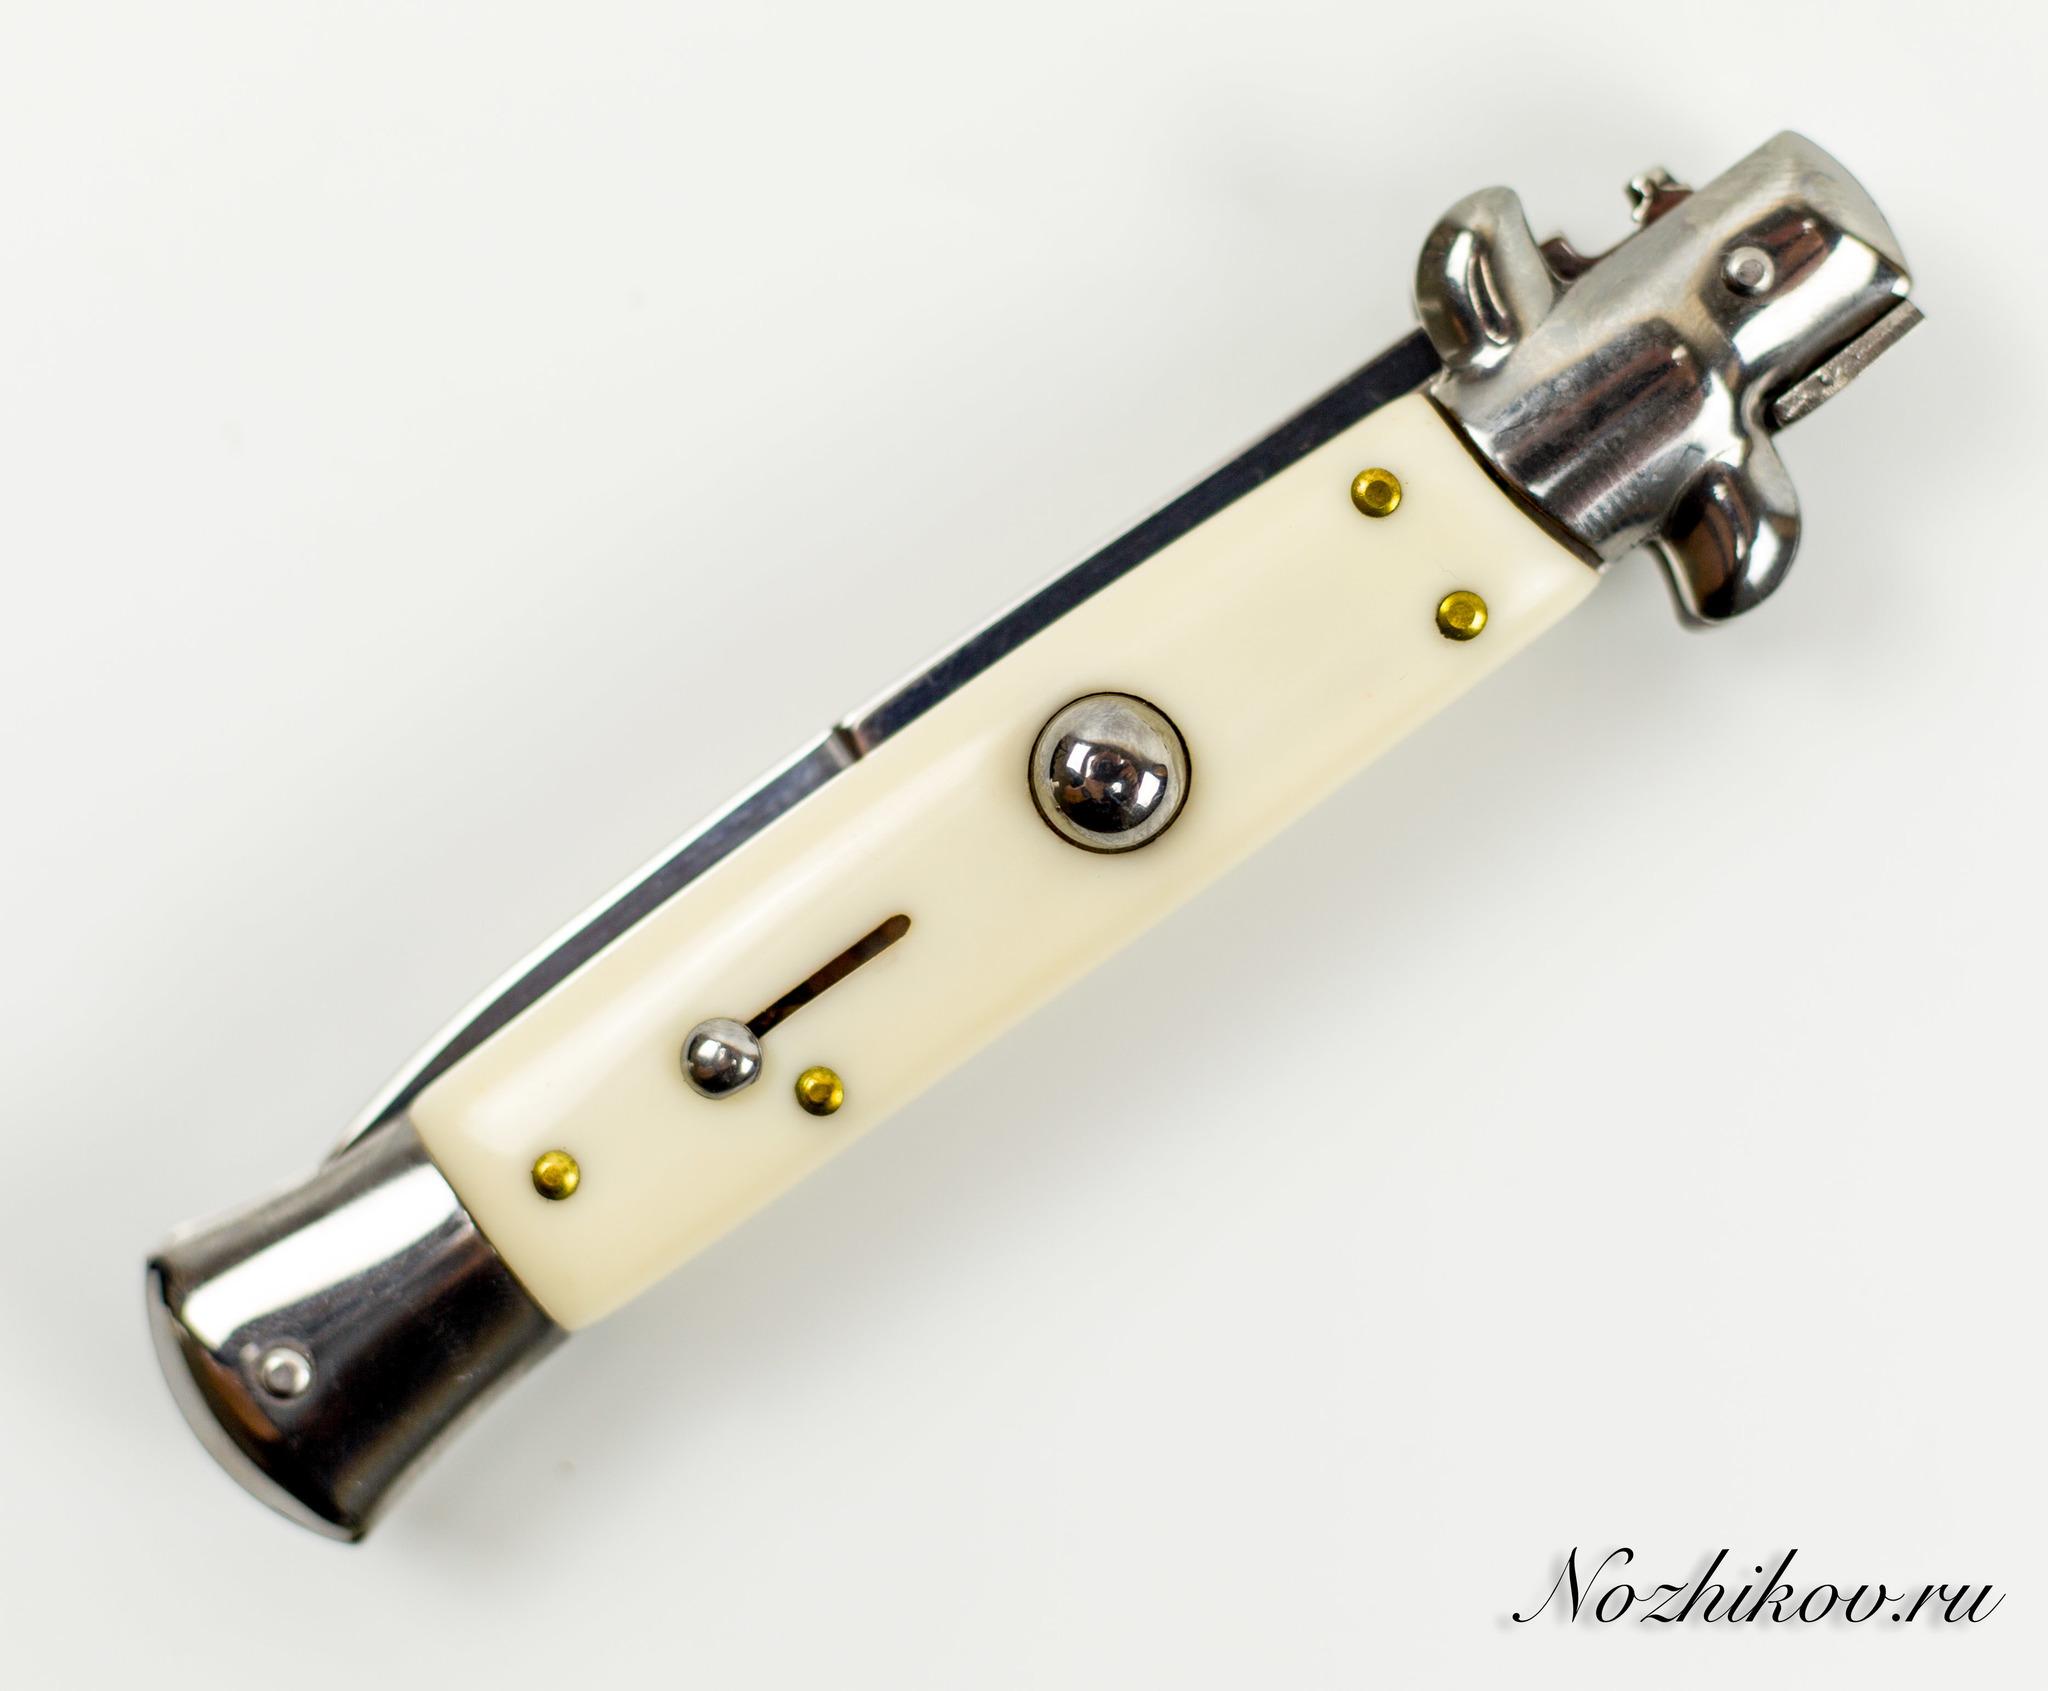 Фото 9 - Выкидной нож Корсиканец 2, цвет белый от Noname